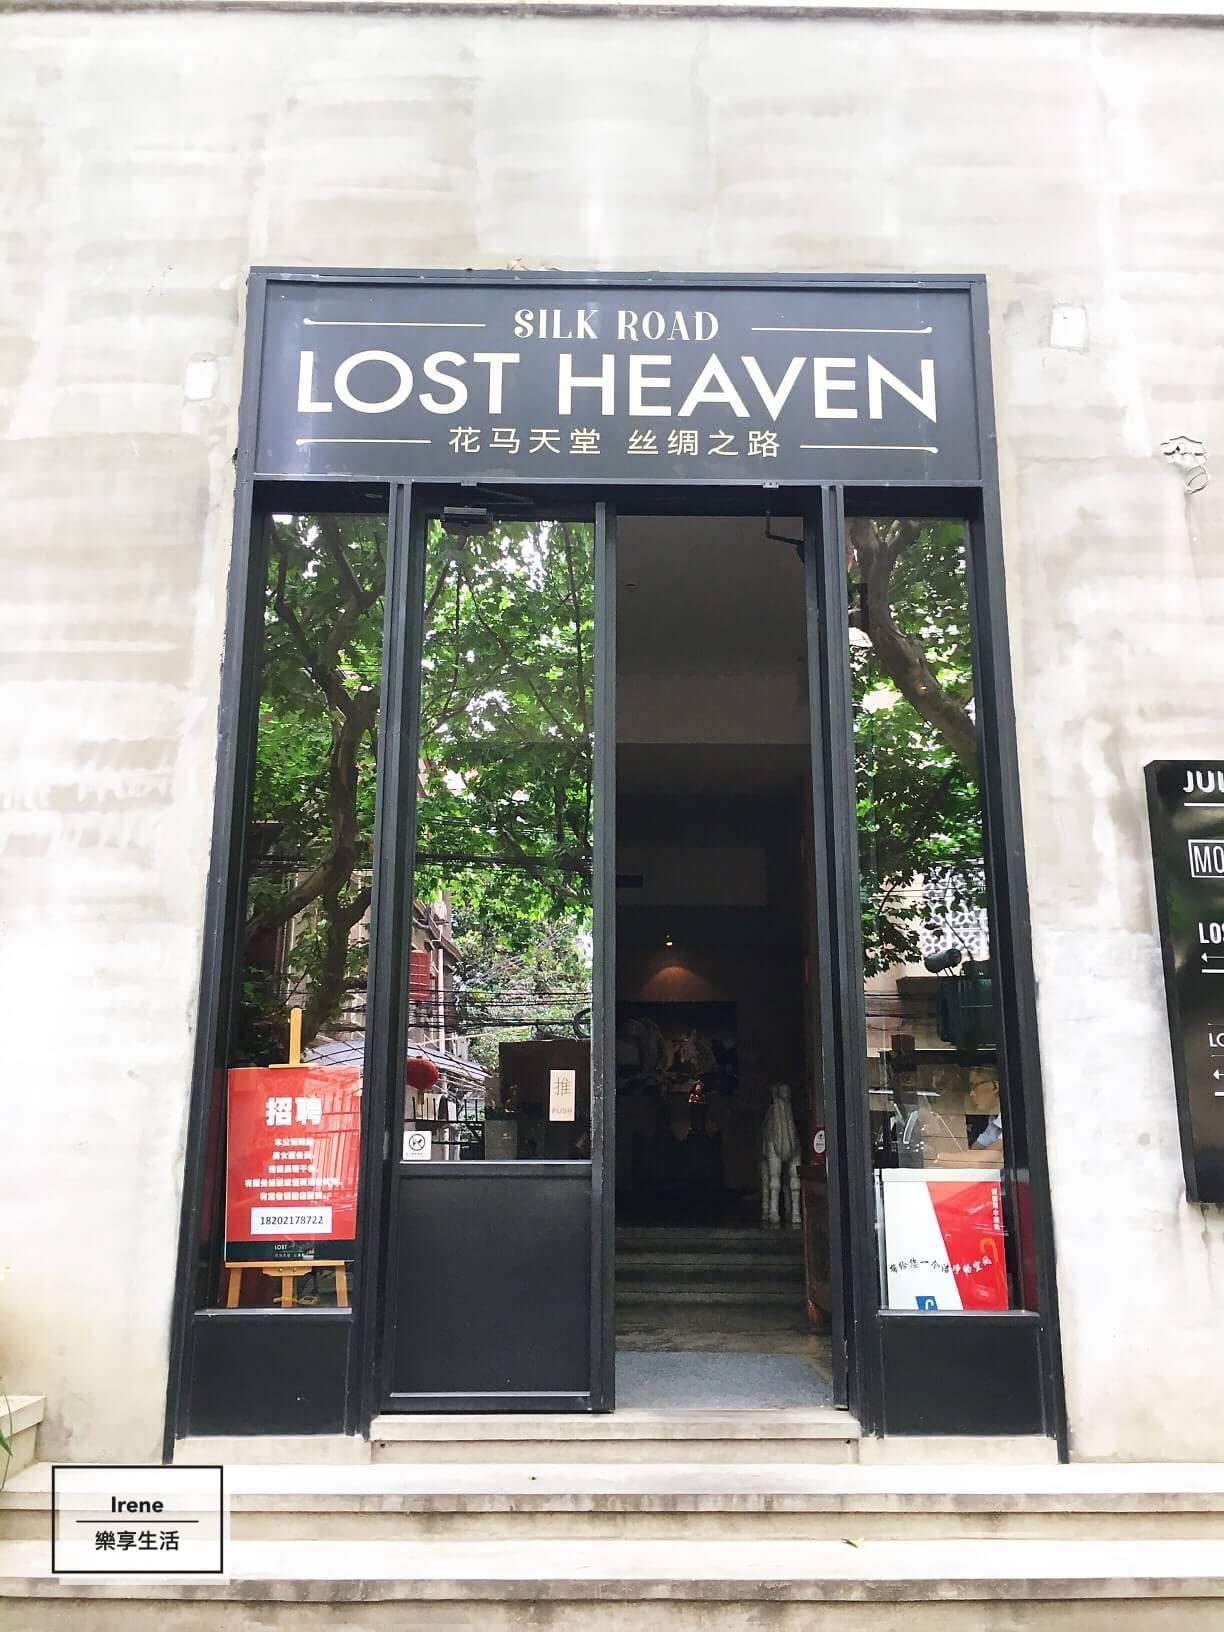 上海美食推薦-上海花馬天堂絲綢之路餐廳(Lost Heaven Silk Road)門口